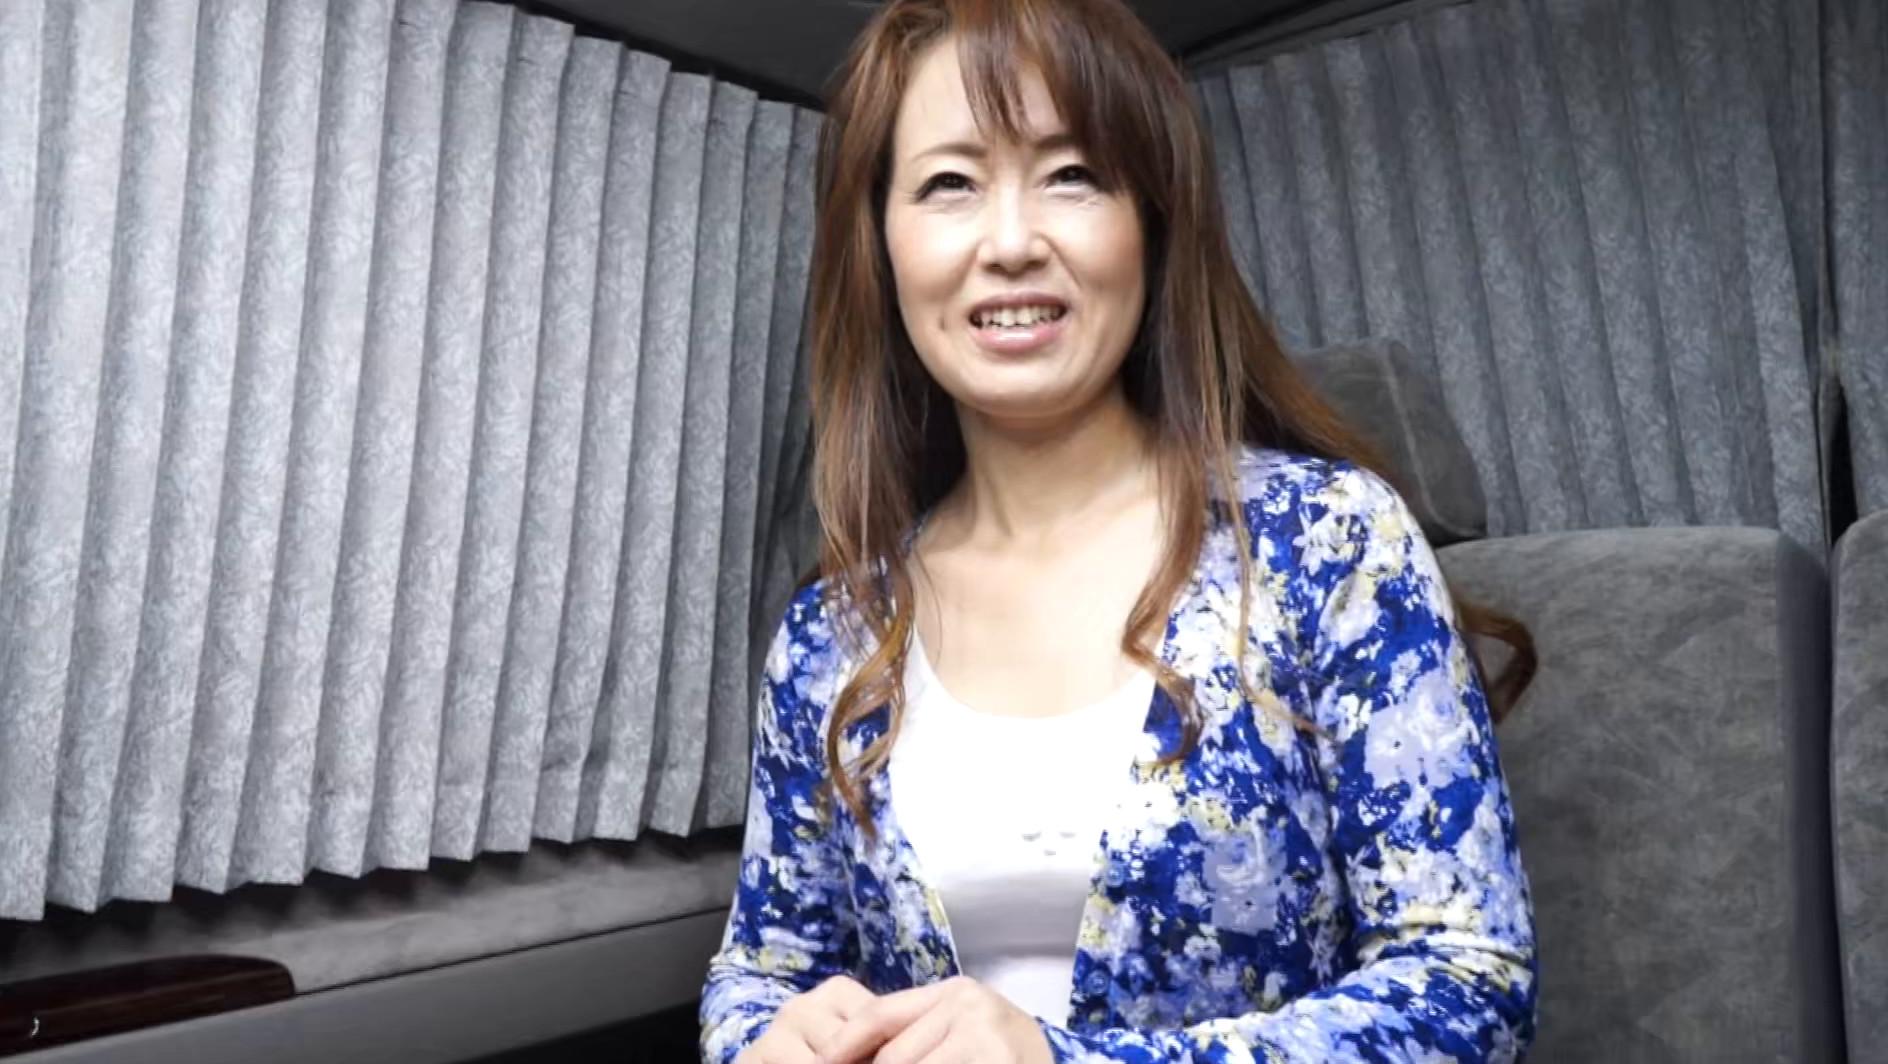 【四十路】素人熟妻インタビュー 143人目,のサンプル画像1